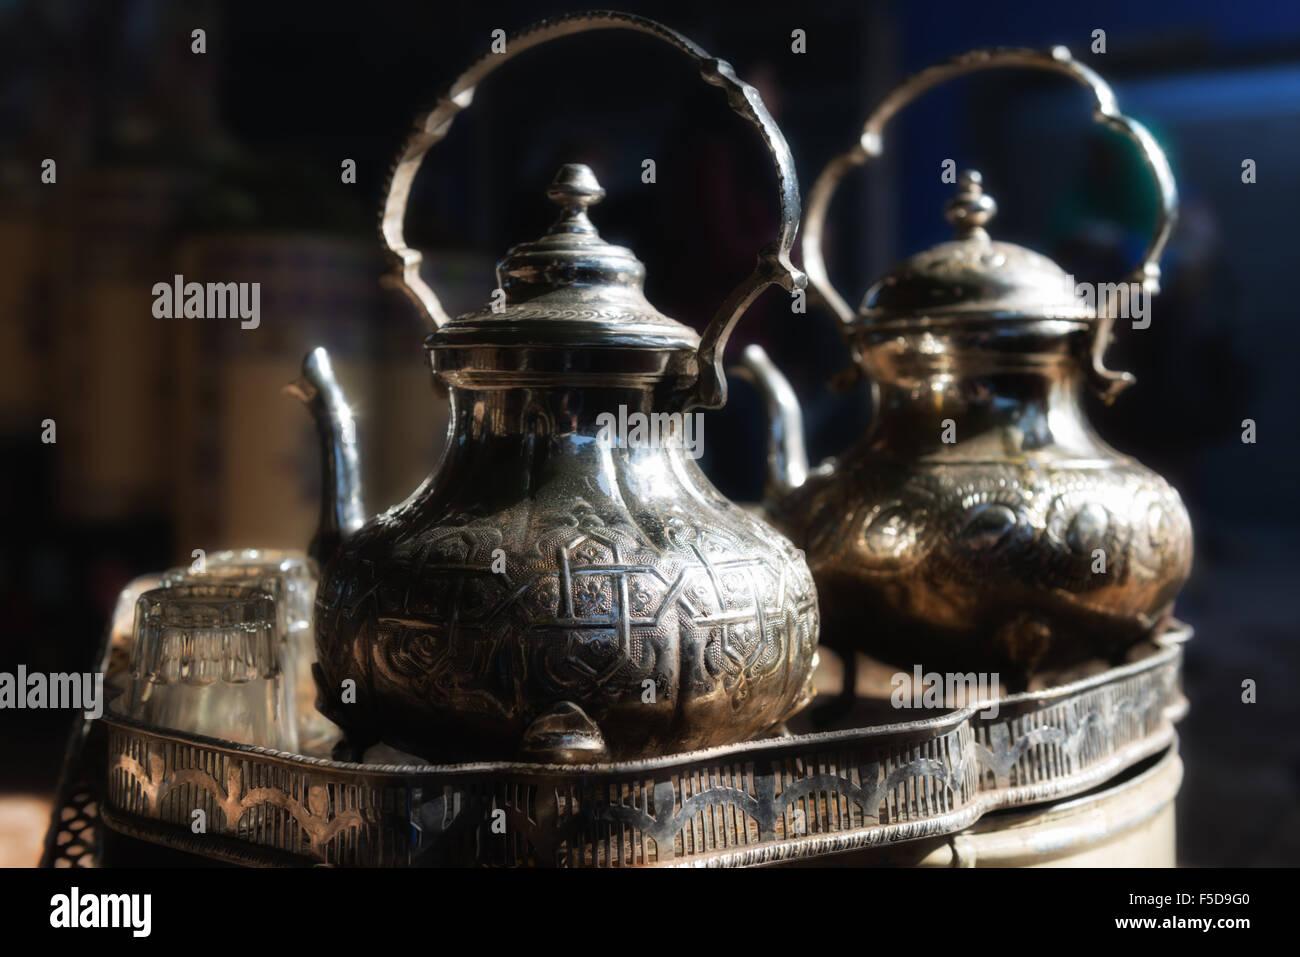 Théière marocaine traditionnelle avec des lunettes dans un plateau/bouilloire. medina de Marrakech, Maroc. Photo Stock